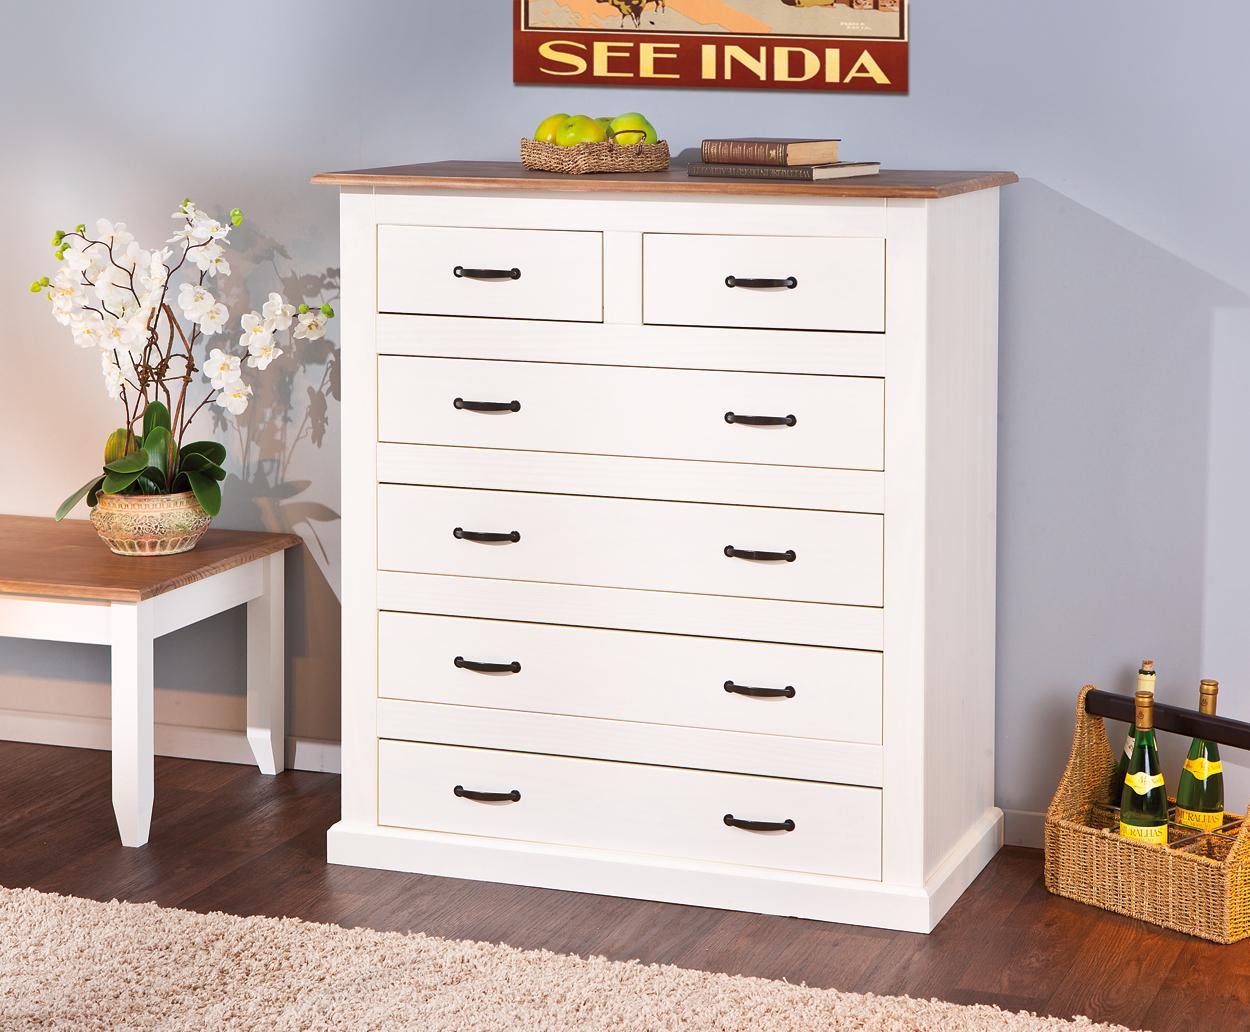 Nora cassettiera moderna bianca, mobile in legno massello